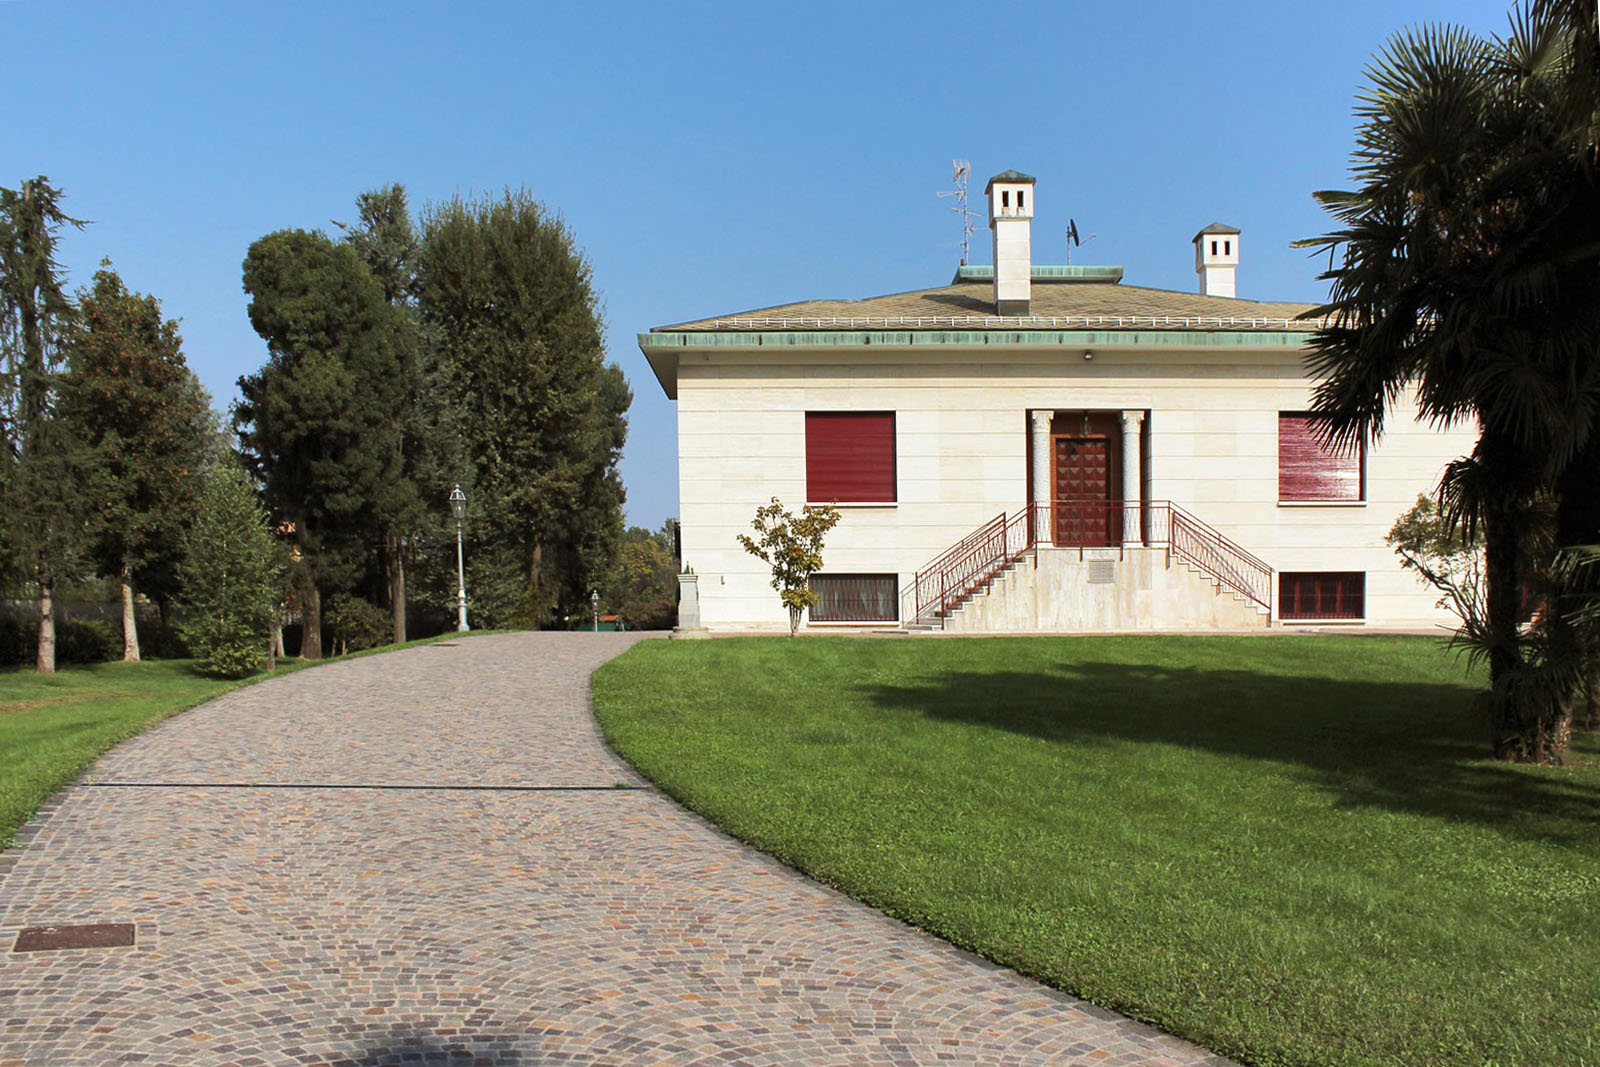 14 - Pavé in villa d'epoca, abitare pavimenti, classica, senza pensieri, porfido misto, abitazioni, pavé